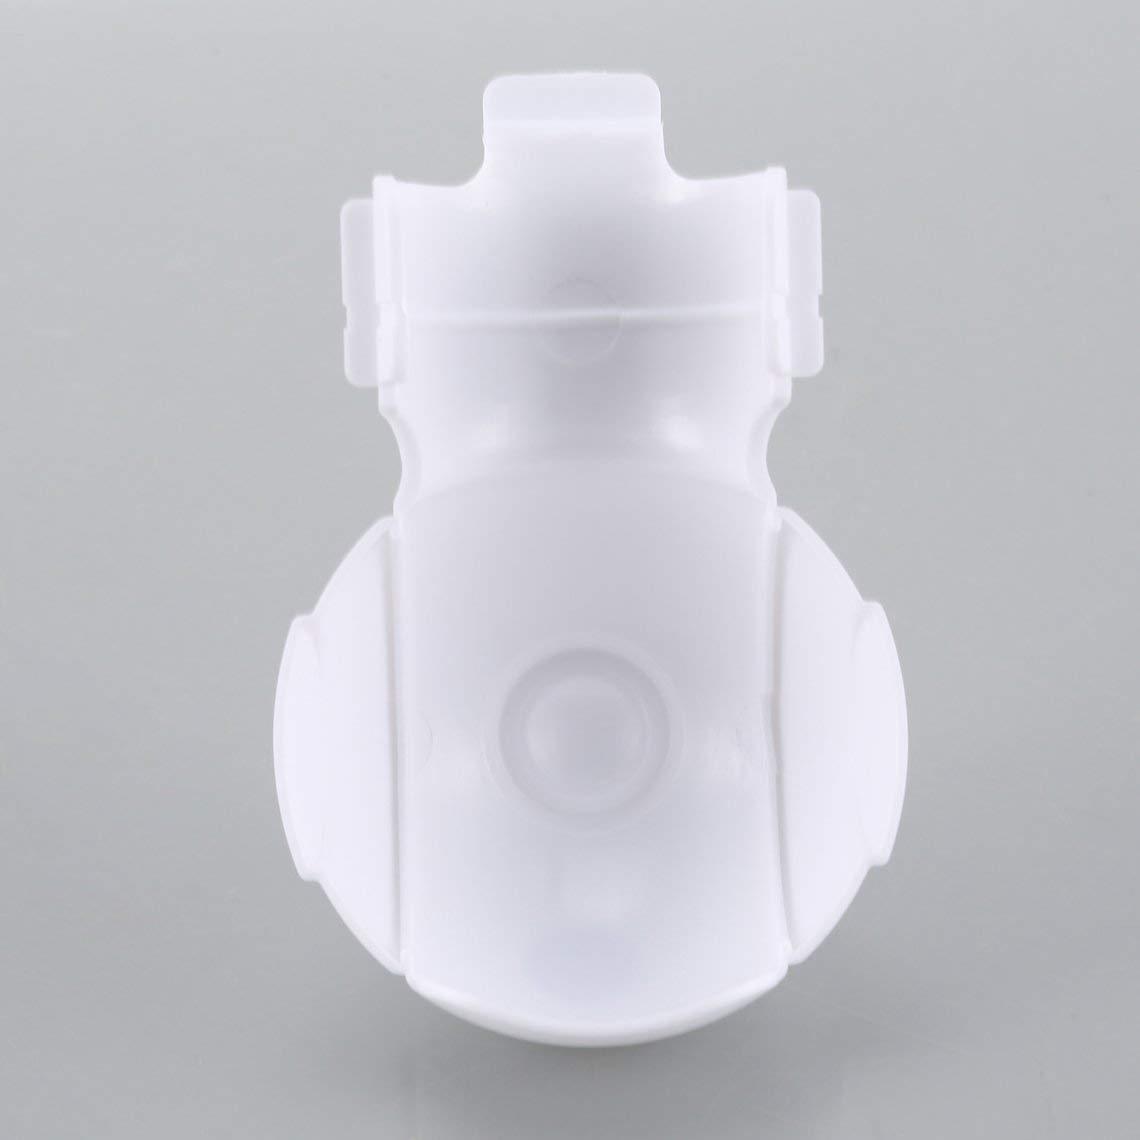 Momorain RC Drone Camera Custodia Protettiva in plastica Protettiva per Giunto cardanico Custodia per copriobiettivo per Xiaomi Mi 4K Drone Quadcopter Durevole